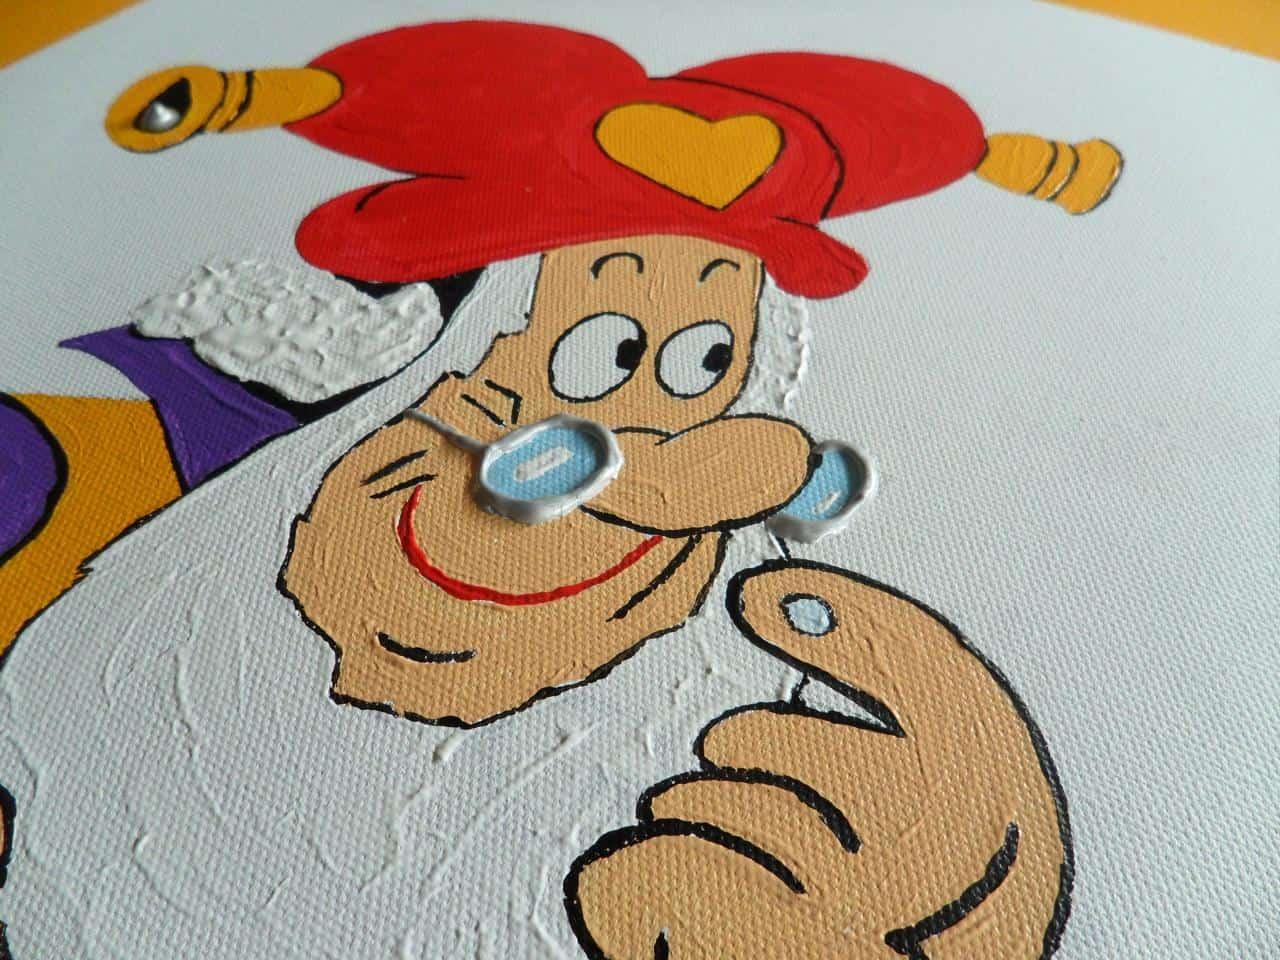 Schilderen idee kinderkamer - Babykamer schilderij idee ...